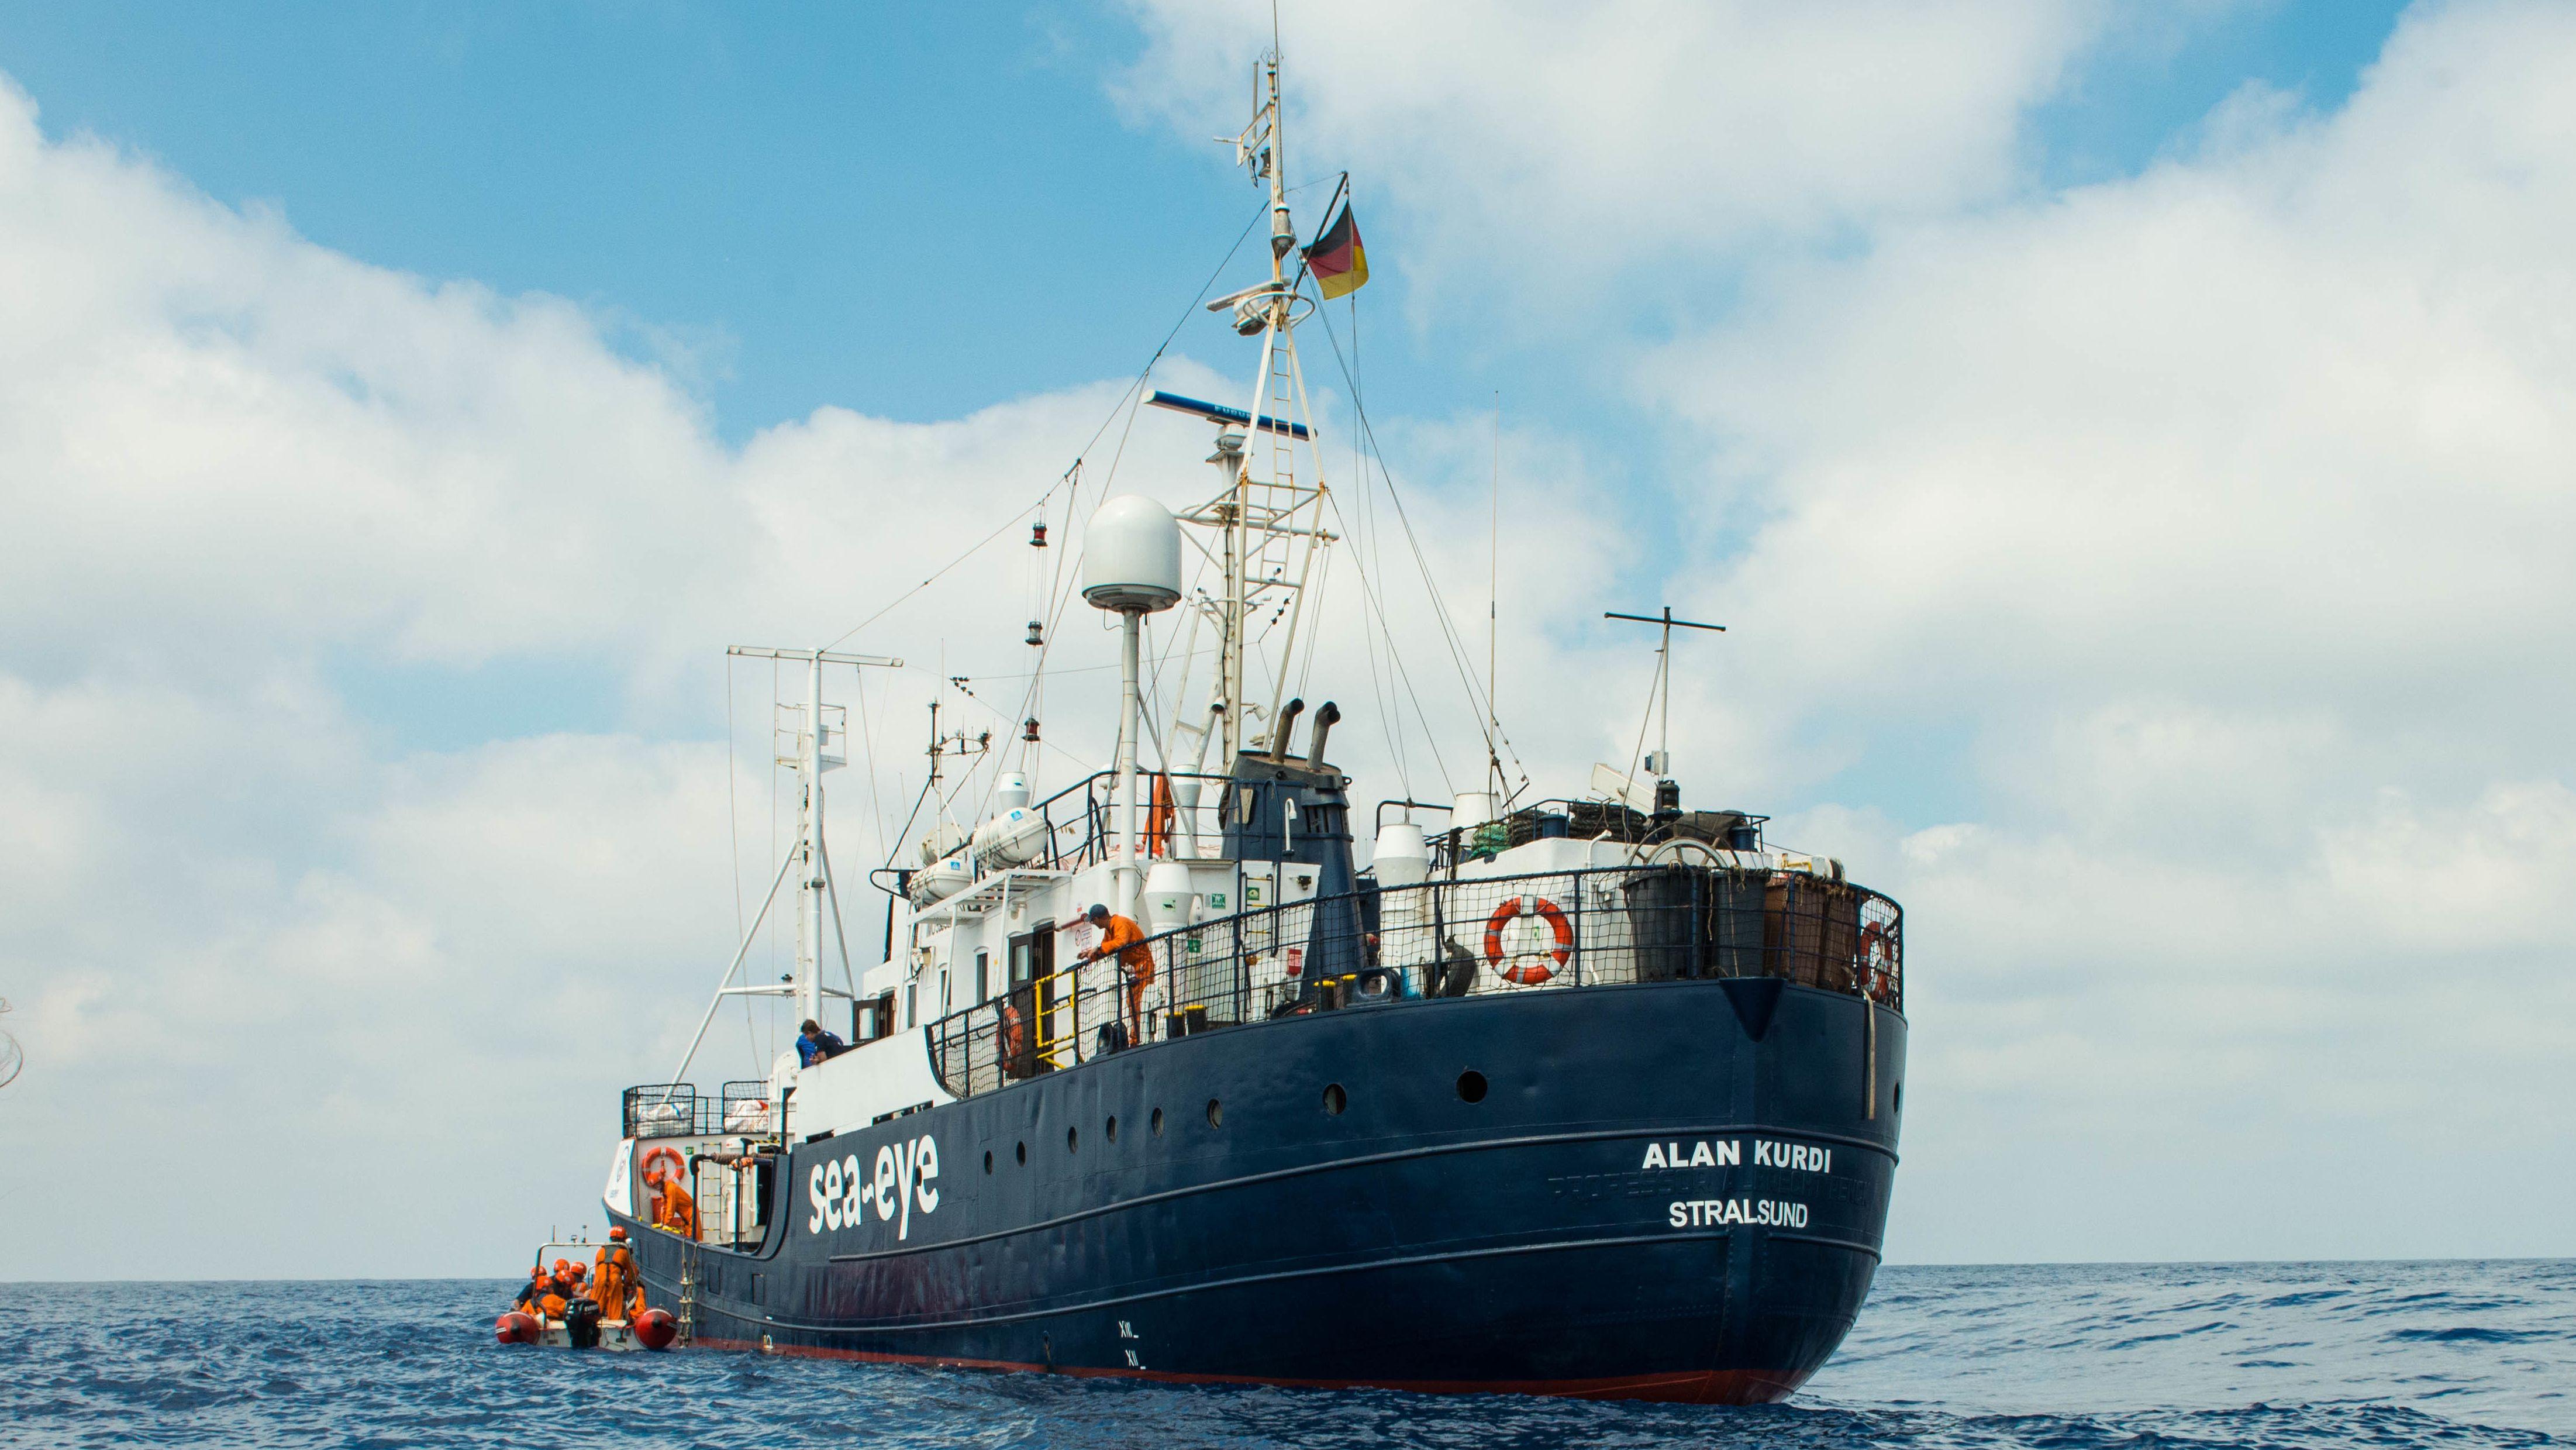 """Das Rettungsschiff """"Alan Kurdi"""" auf dem Meer"""